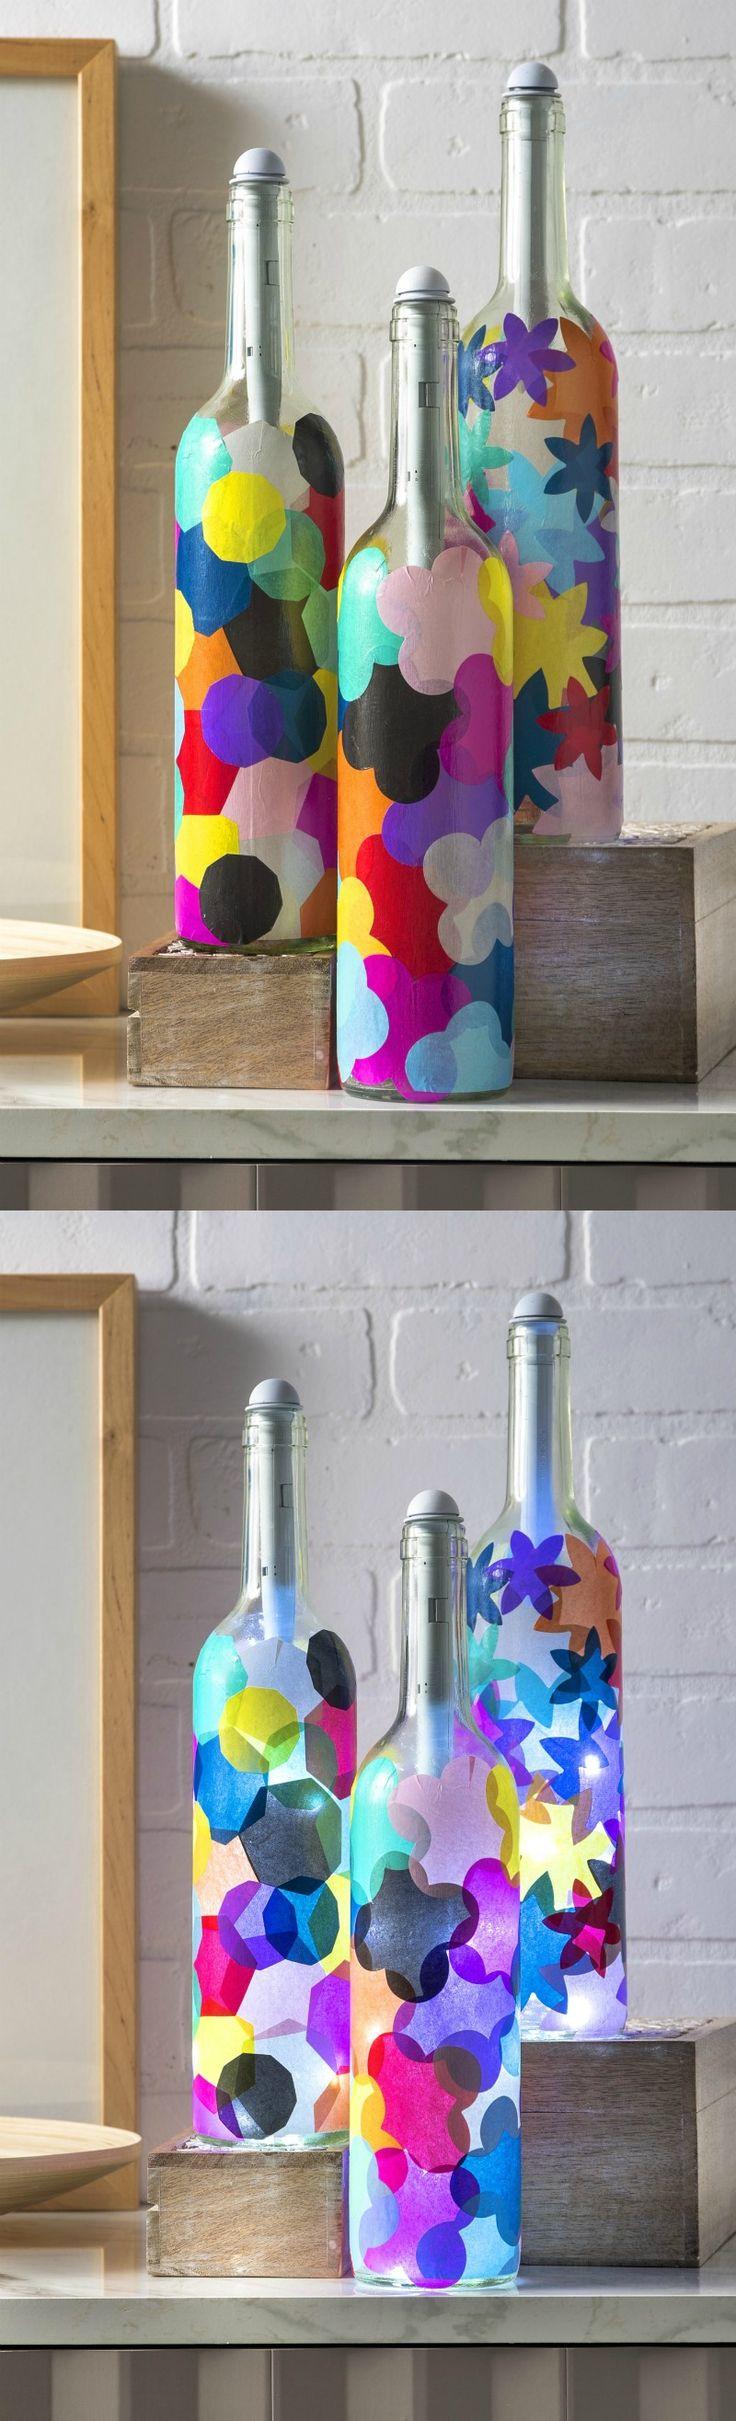 Best 20 wine bottle lanterns ideas on pinterest bottle for Glass bottle project ideas